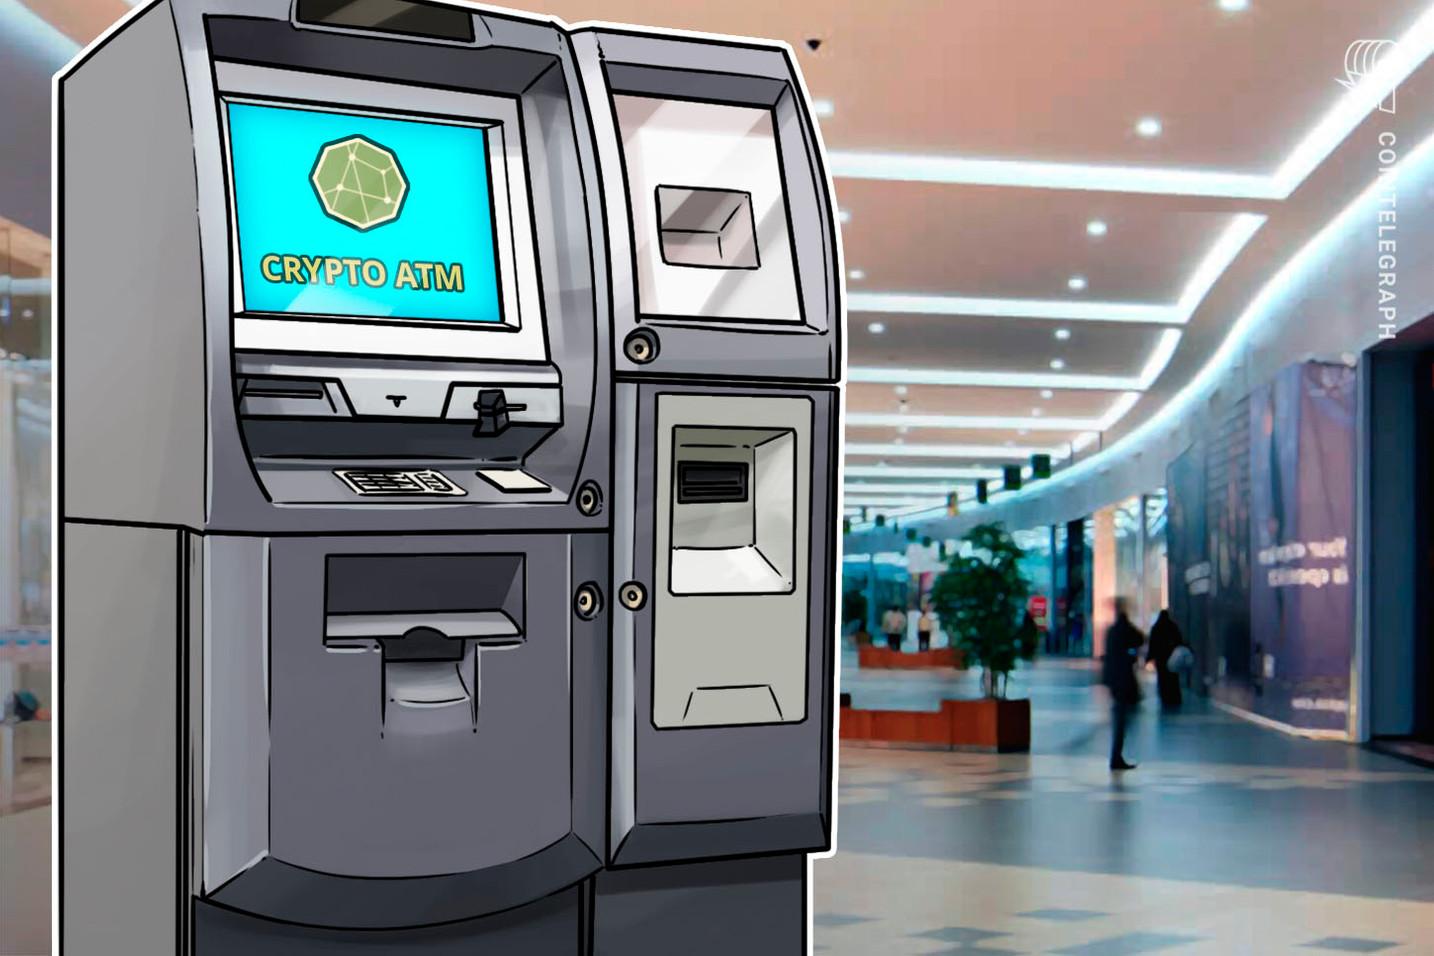 Globalne instalacije kripto ATM-a povećale su se za 70% u 2021. godini